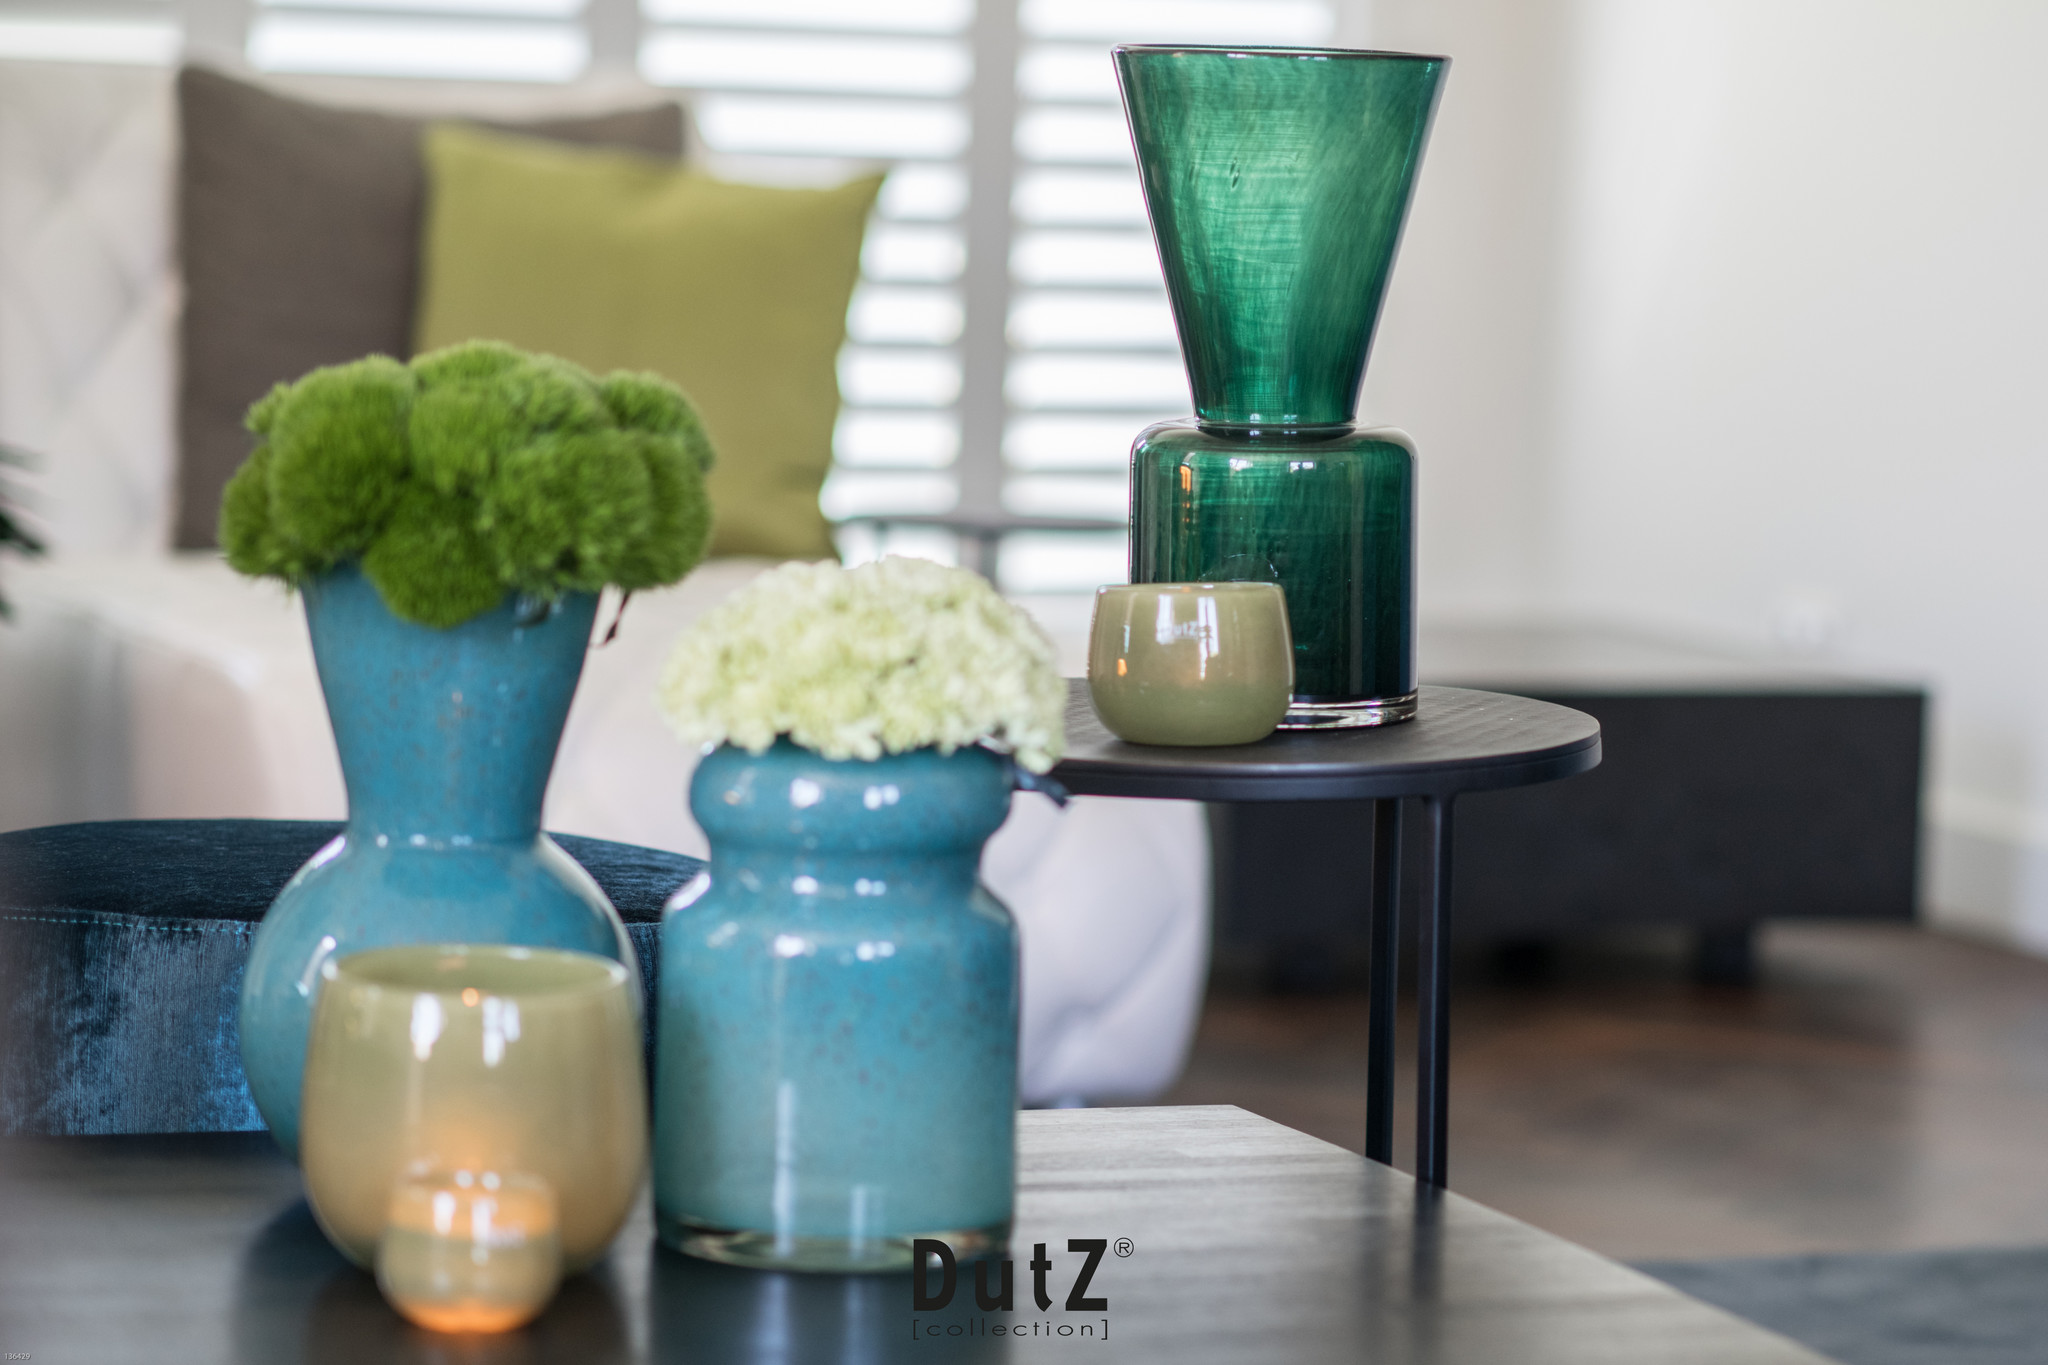 DutZ Vase louck darkgreen - H38 cm